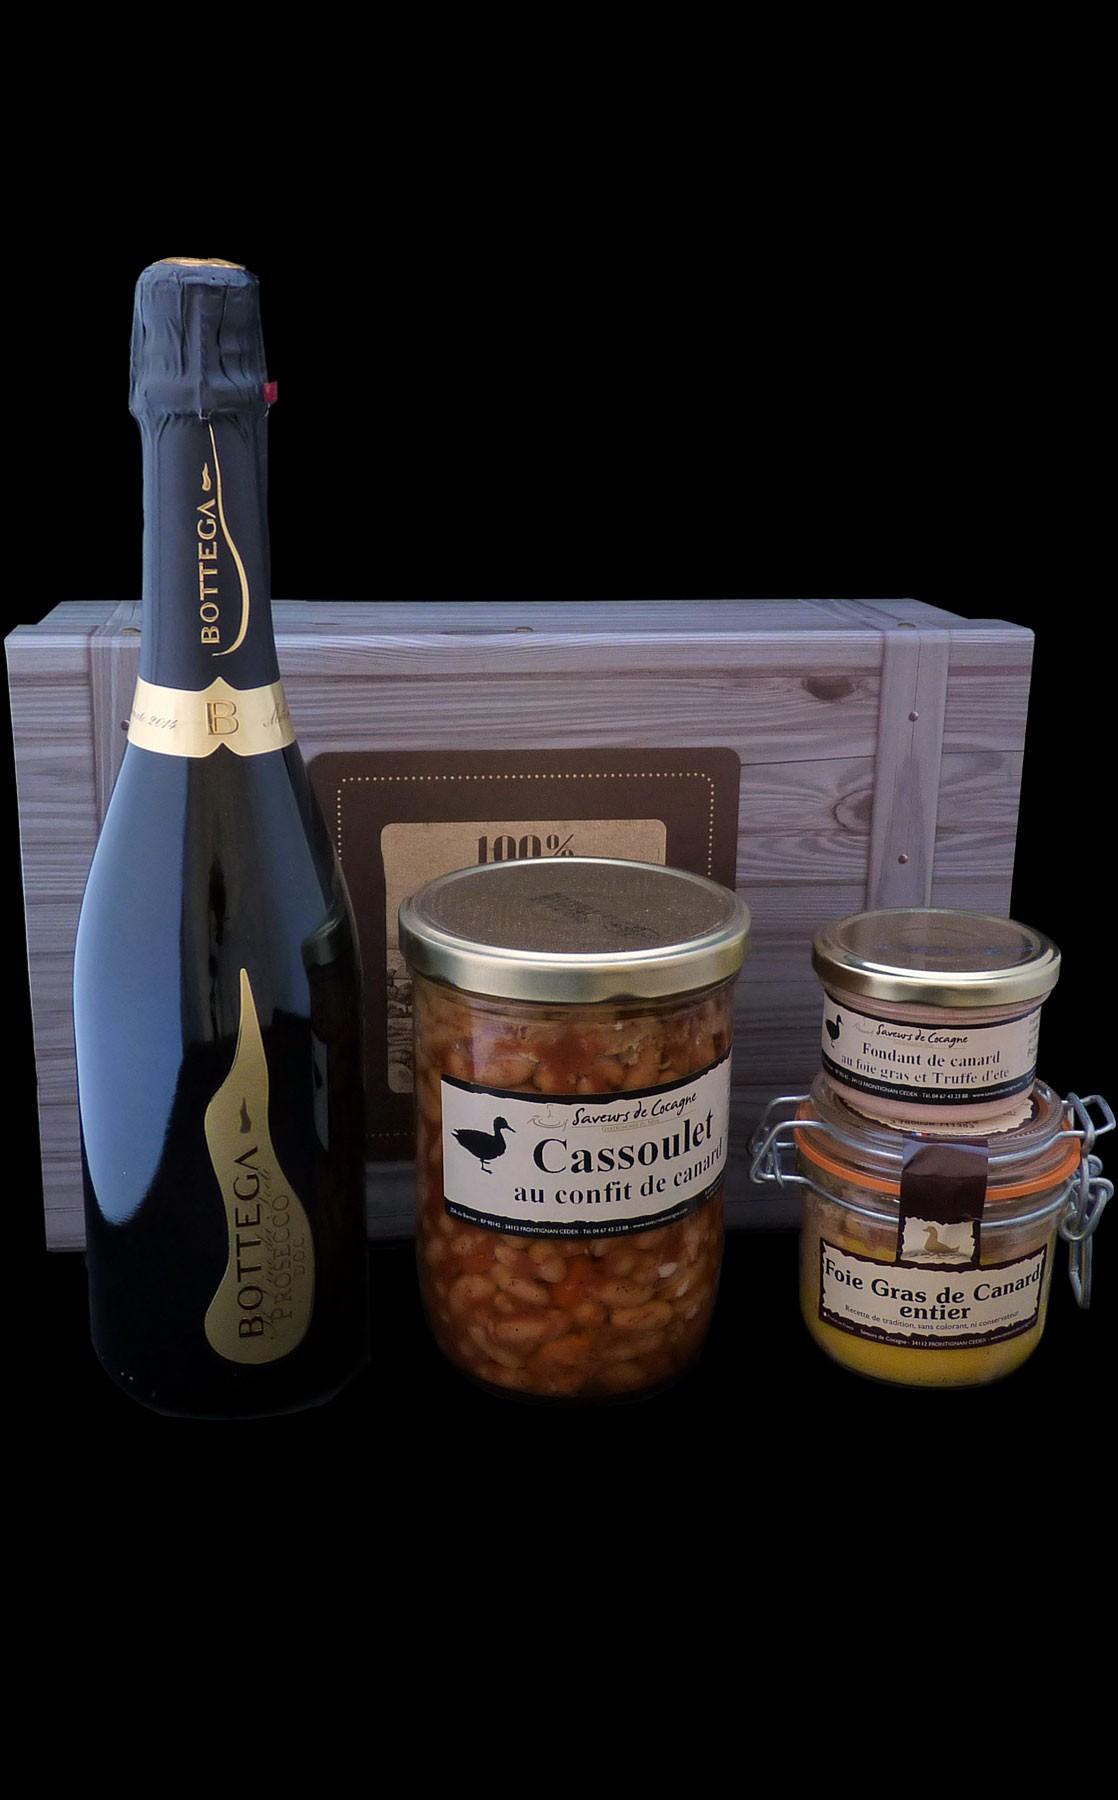 Coffret authentique foie gras, cassoulet et Prosecco Bottega